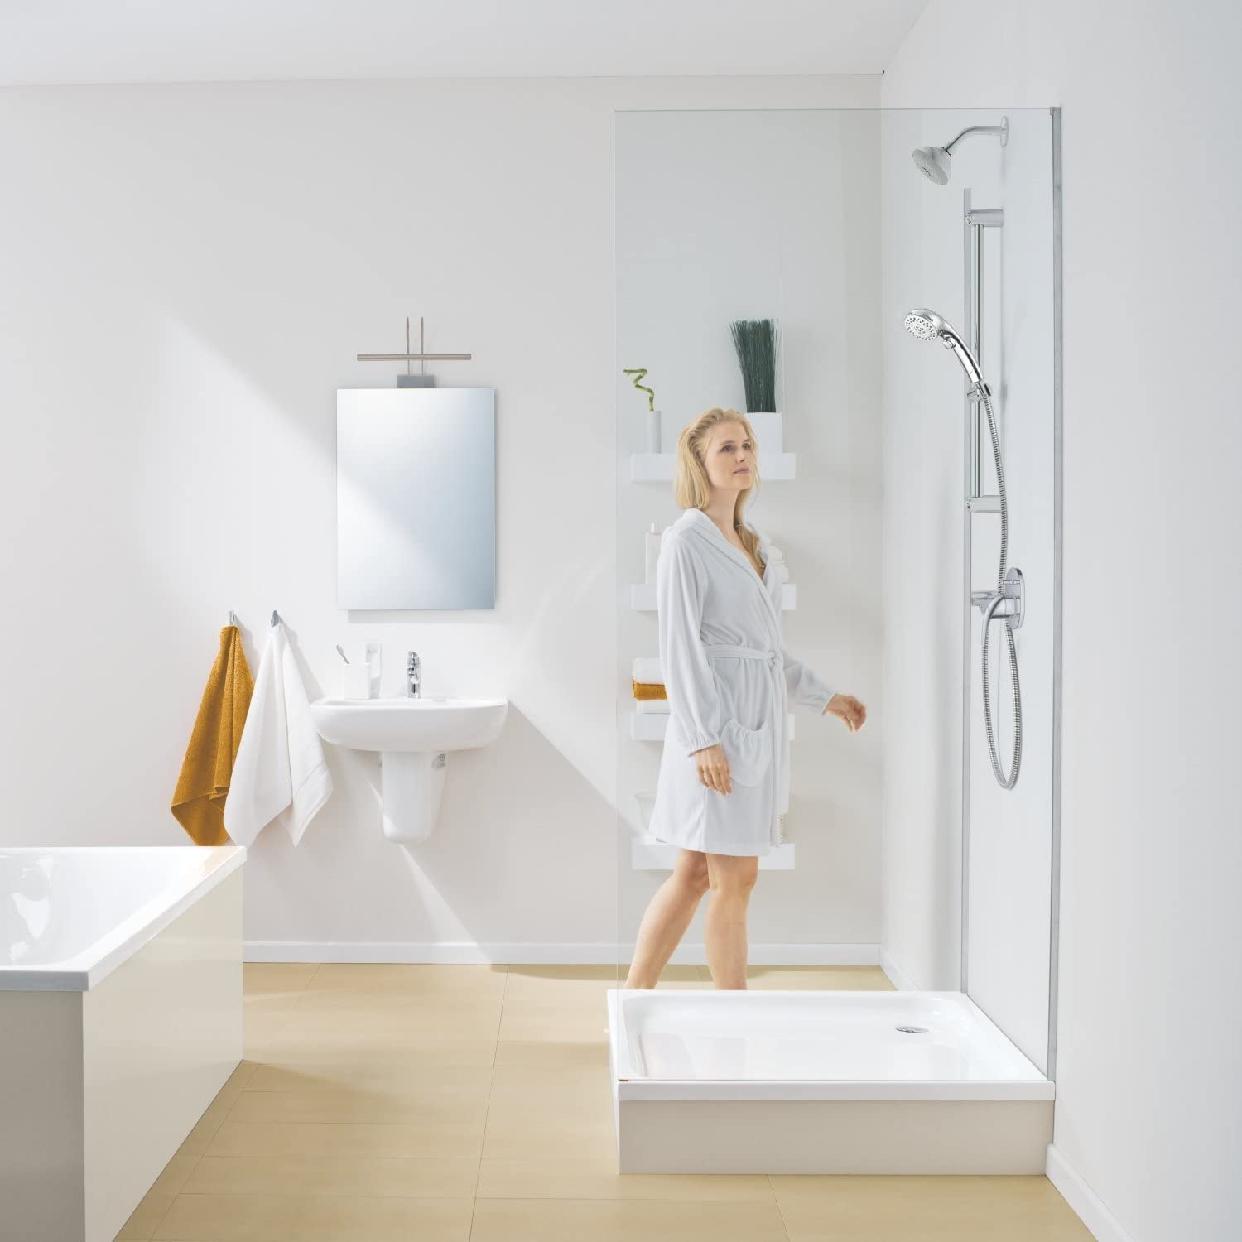 Aqua Love(あくあらぶ)シャワーヘッドの商品画像7